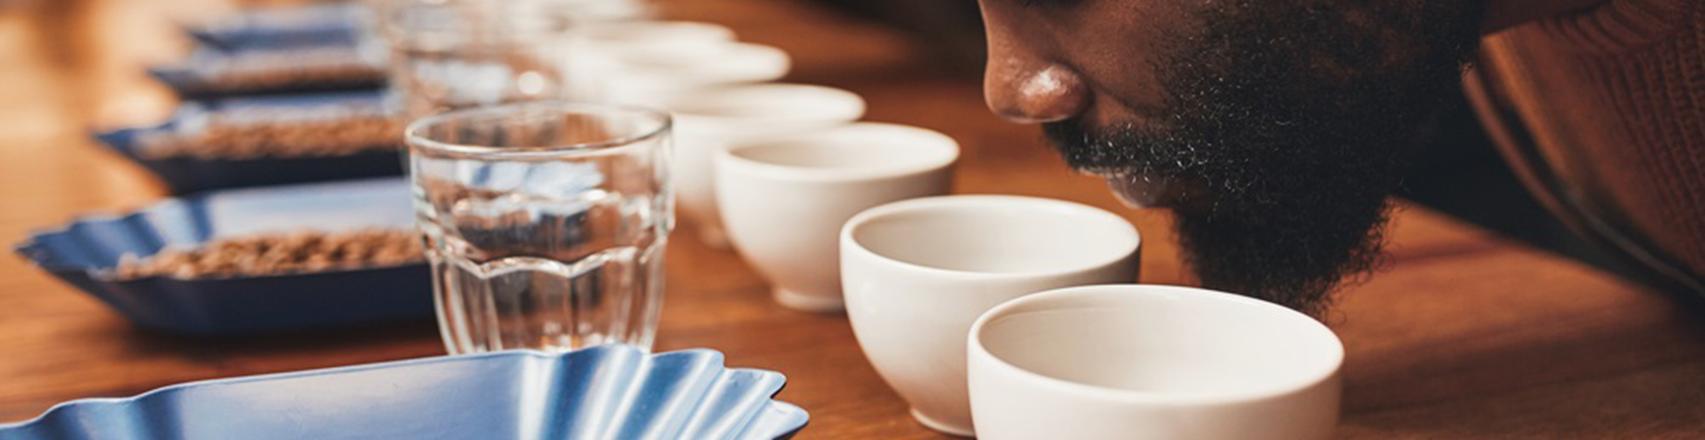 Как оценить кофе? Как выбрать кофе?